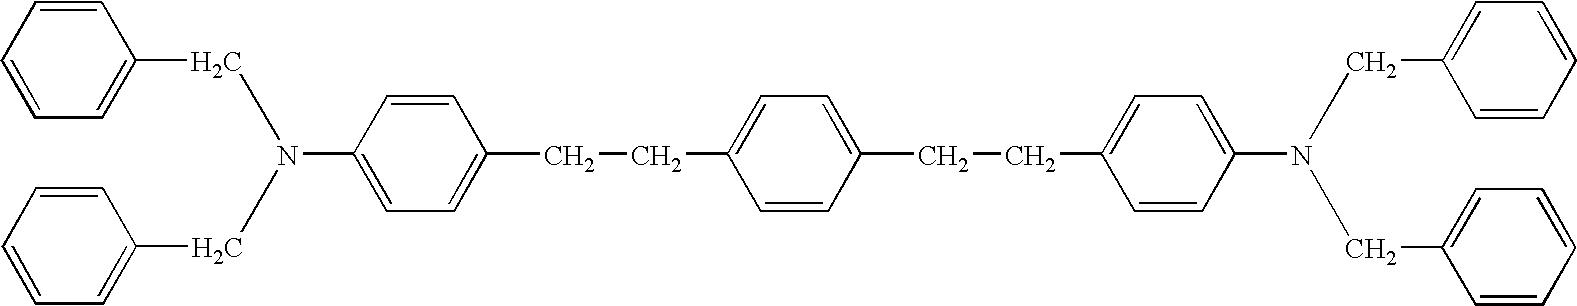 Figure US20070212626A1-20070913-C00049